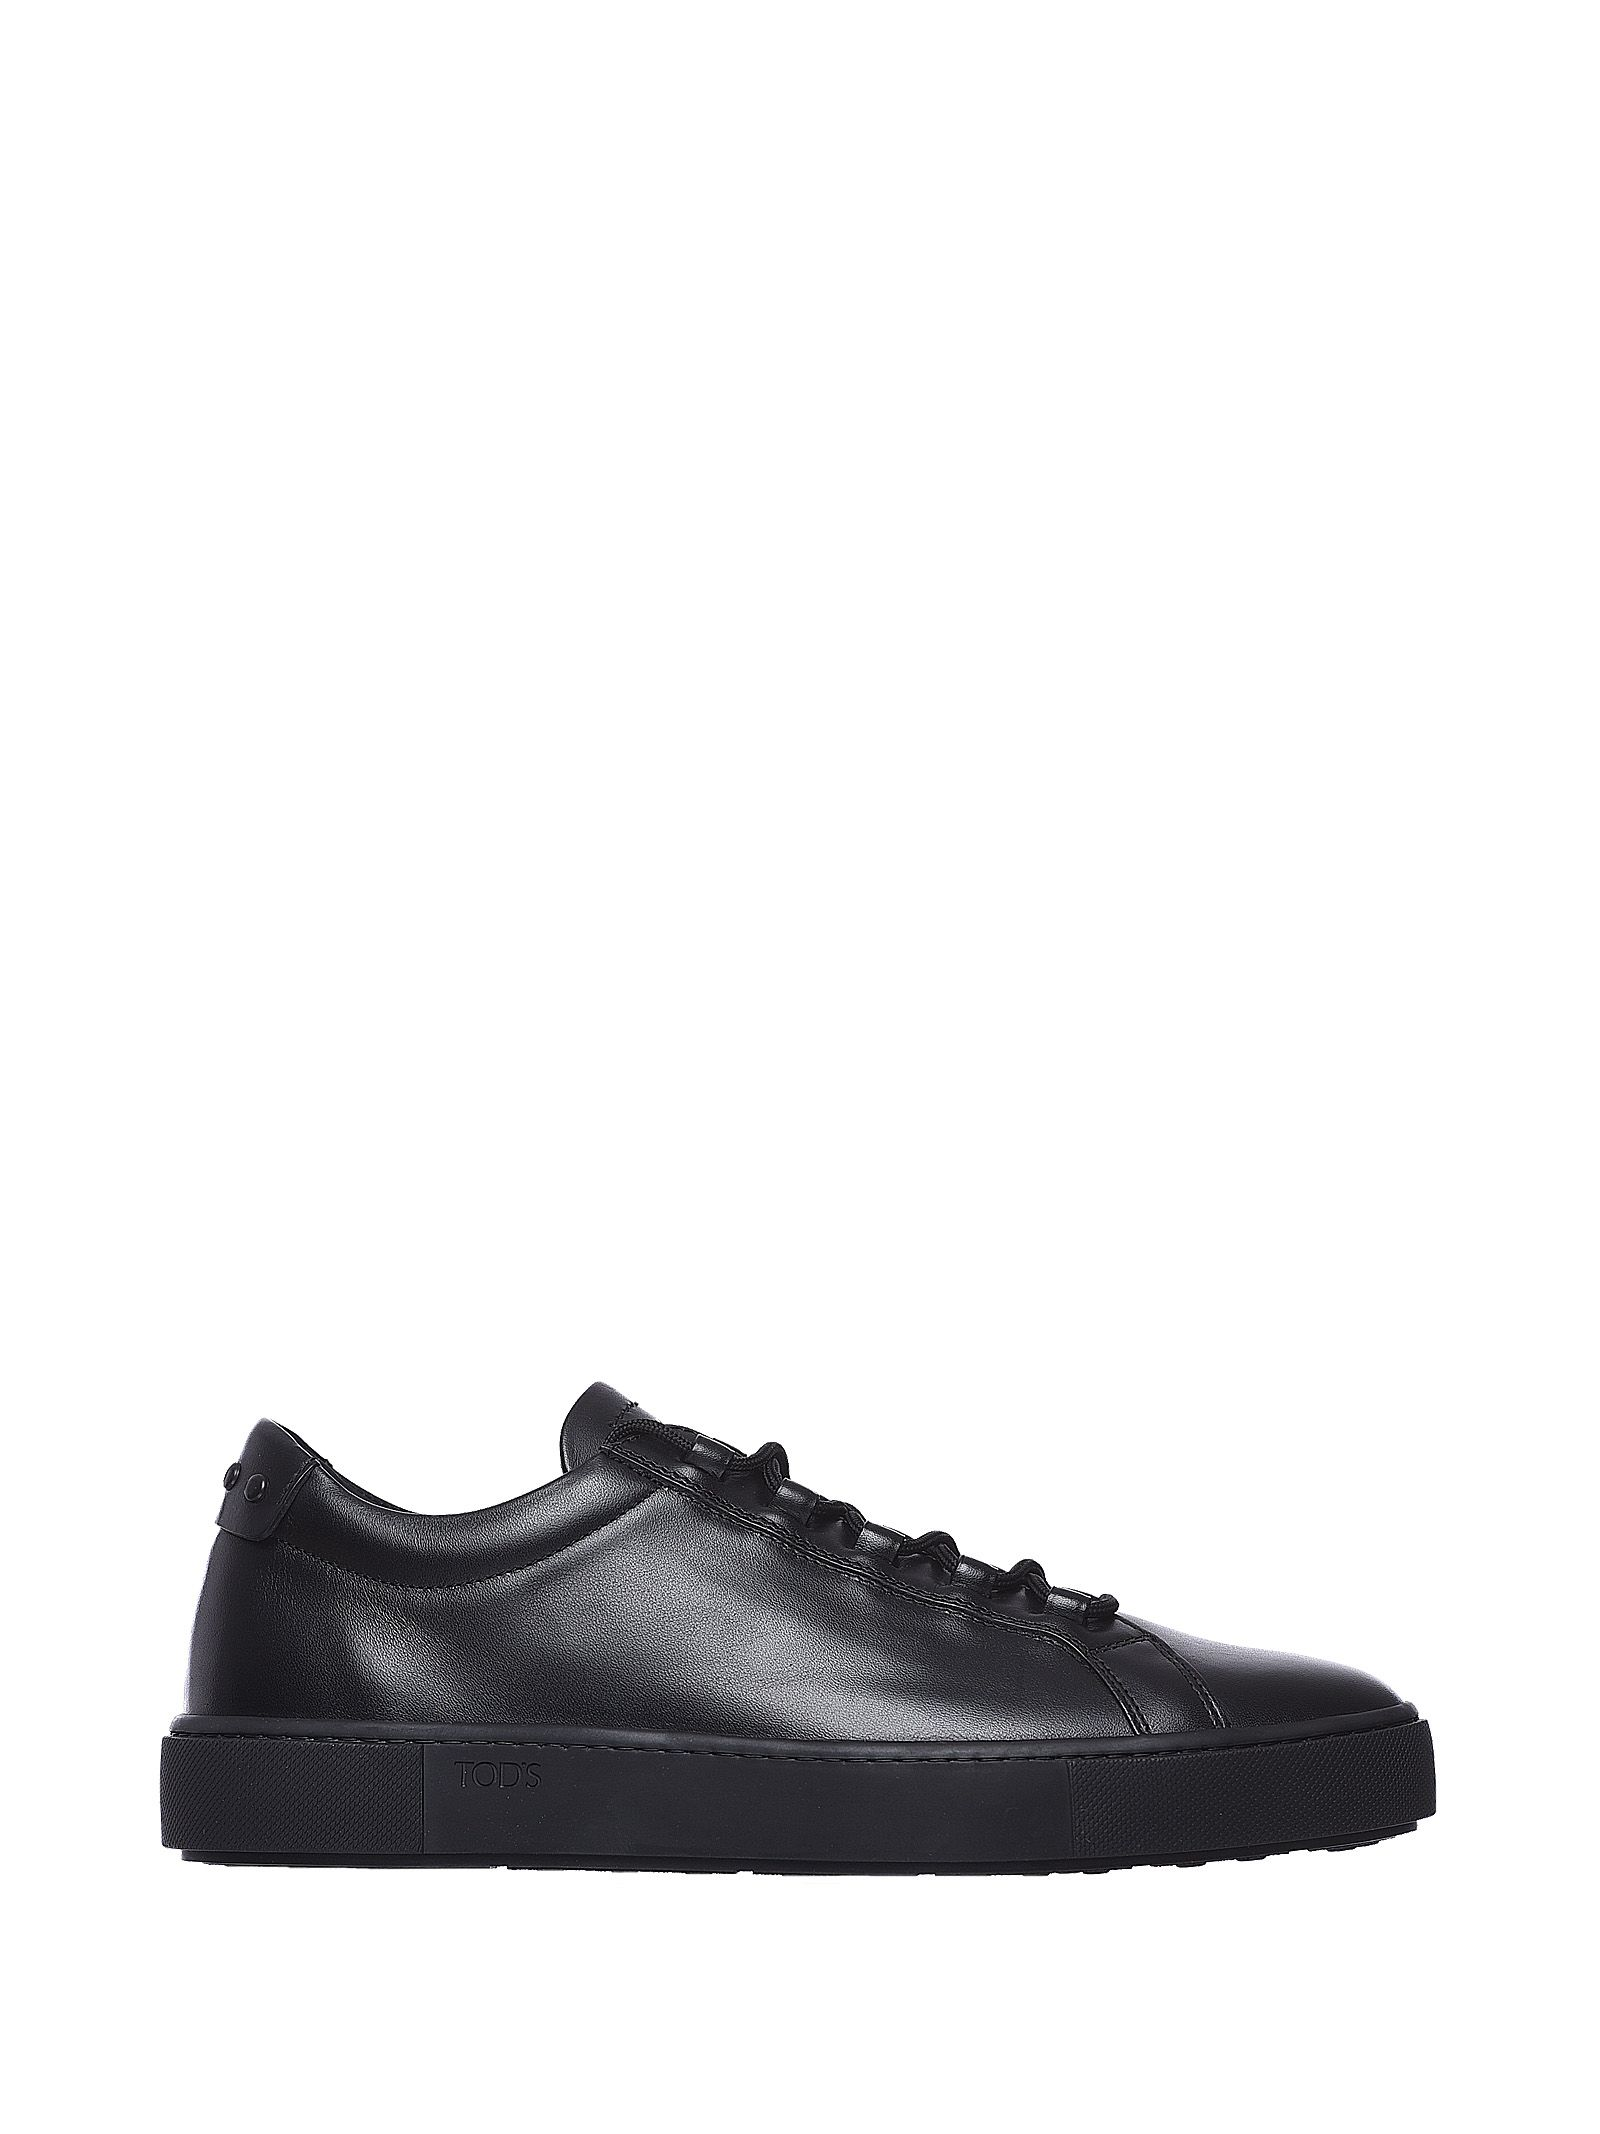 Tods Sneakers Black